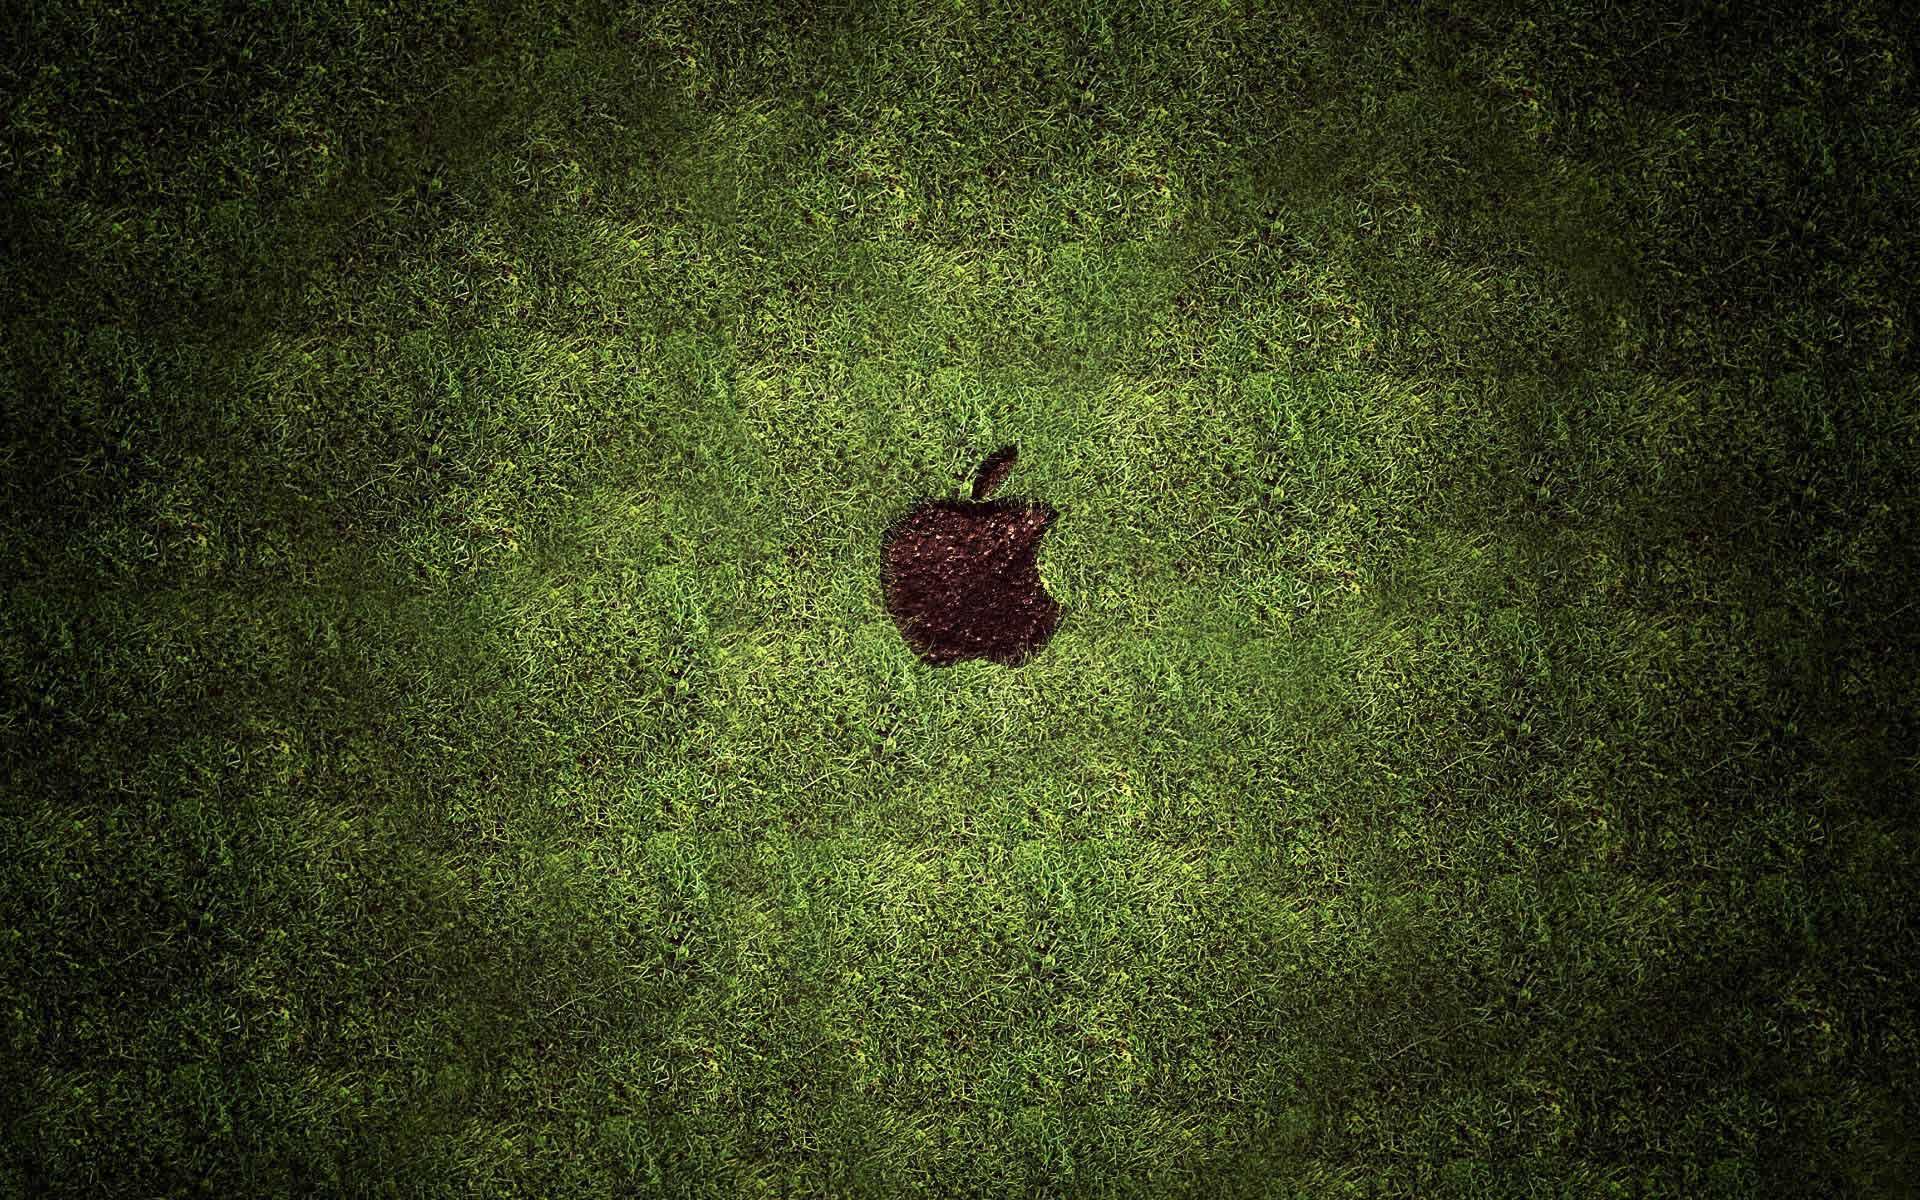 Apple Grass Wallpapers 1920x1200